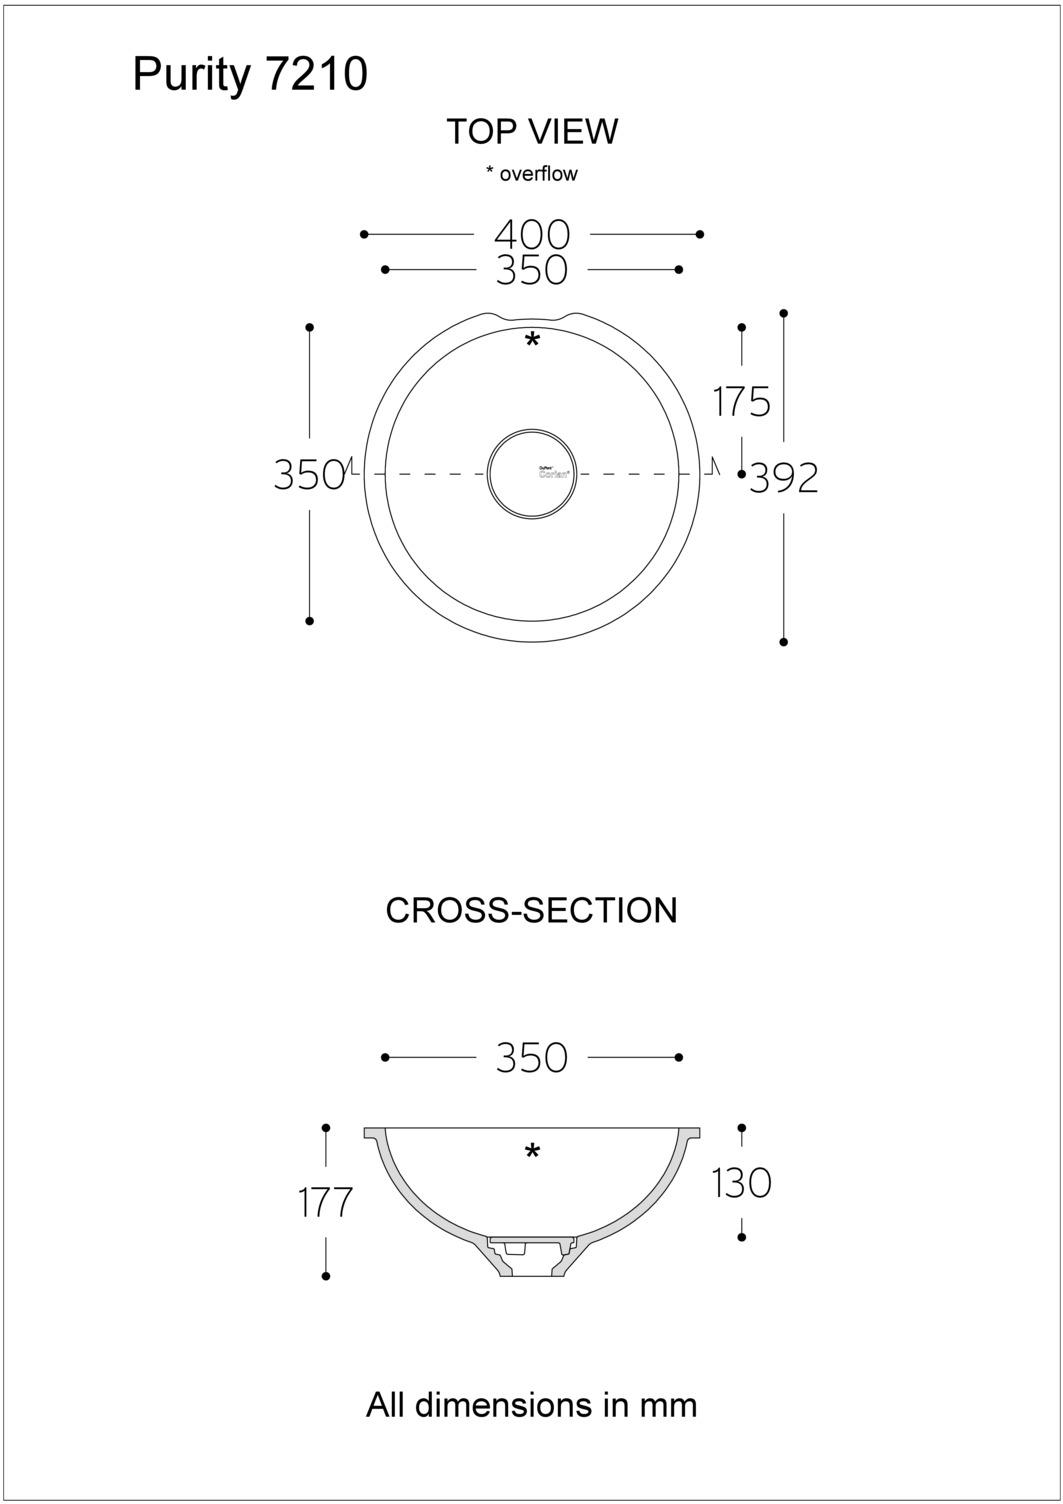 DUPONT_CORIAN_PURITY7210_2D_PDF[0]